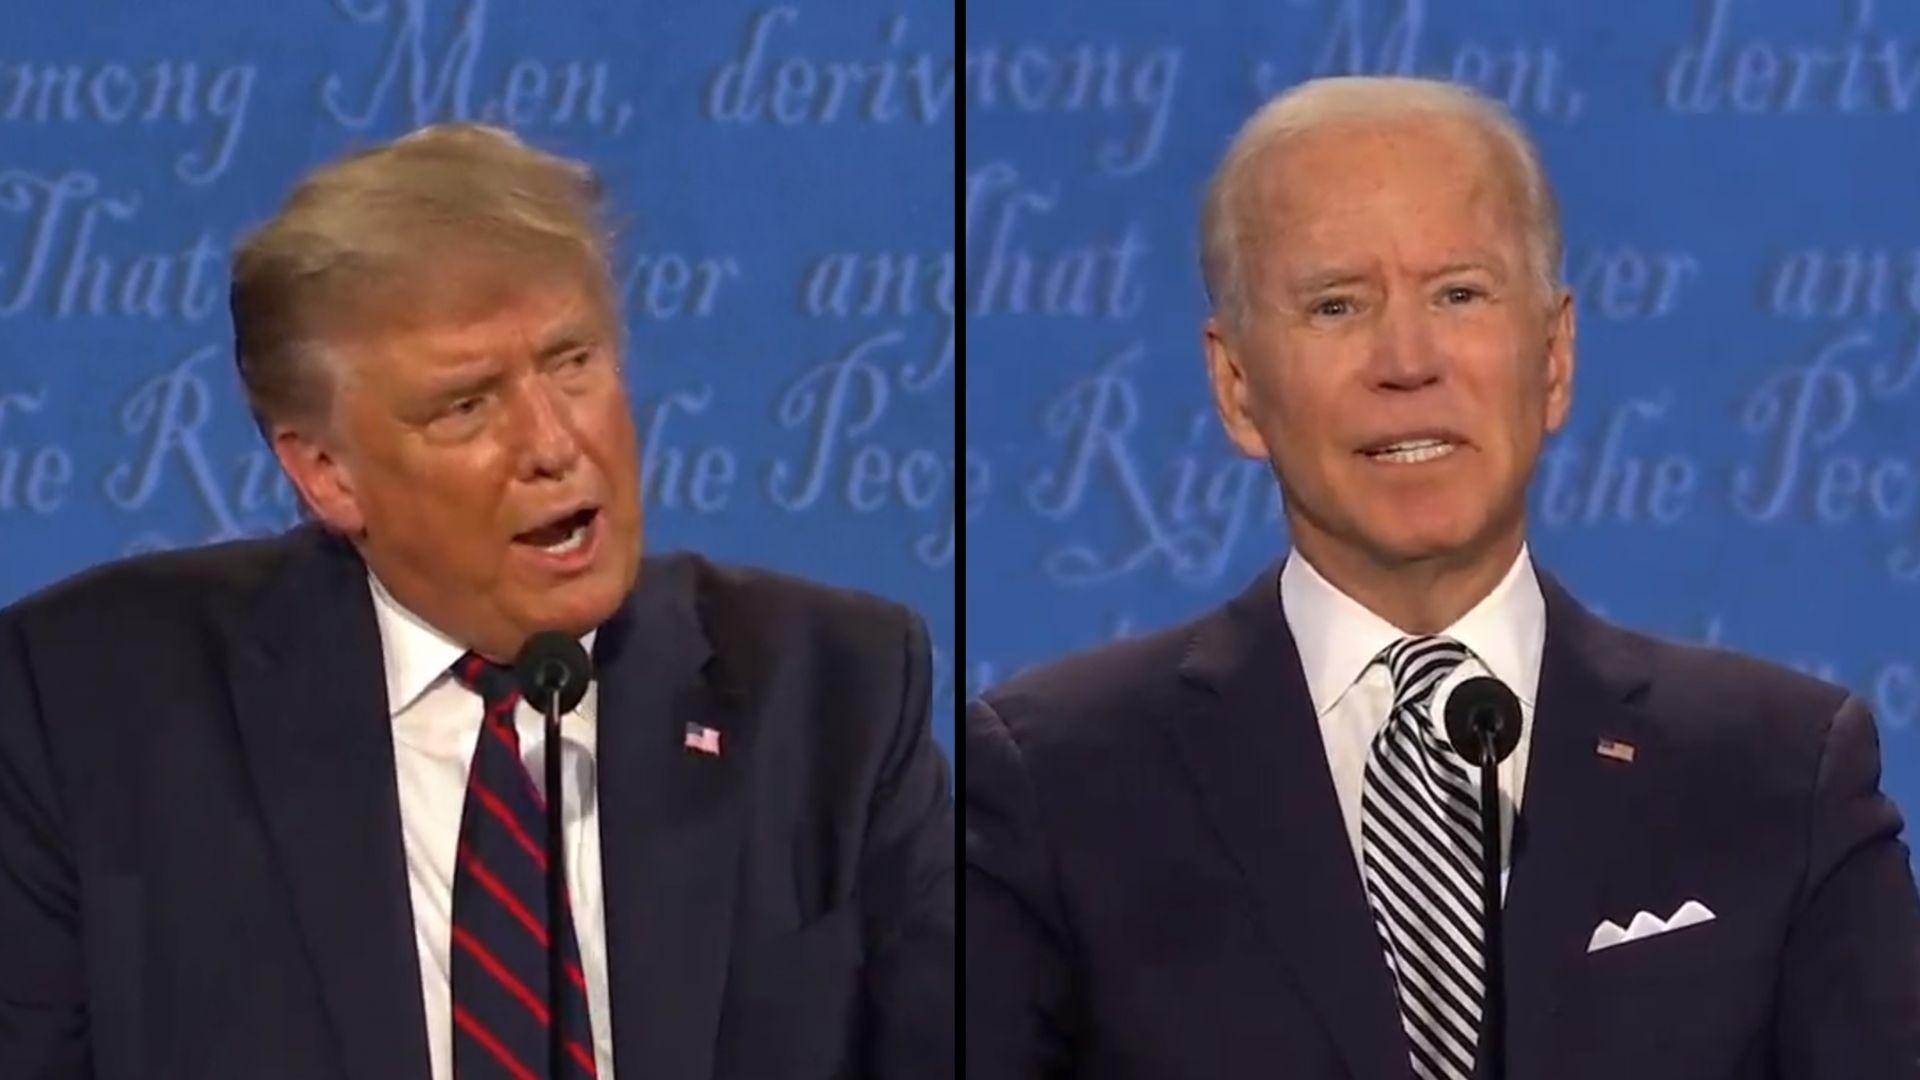 川普狂插話、拜登嗆「你是美國史上最糟總統!」 美大選首次辯論5議題激烈交鋒!吵到主持人都「凍未條」